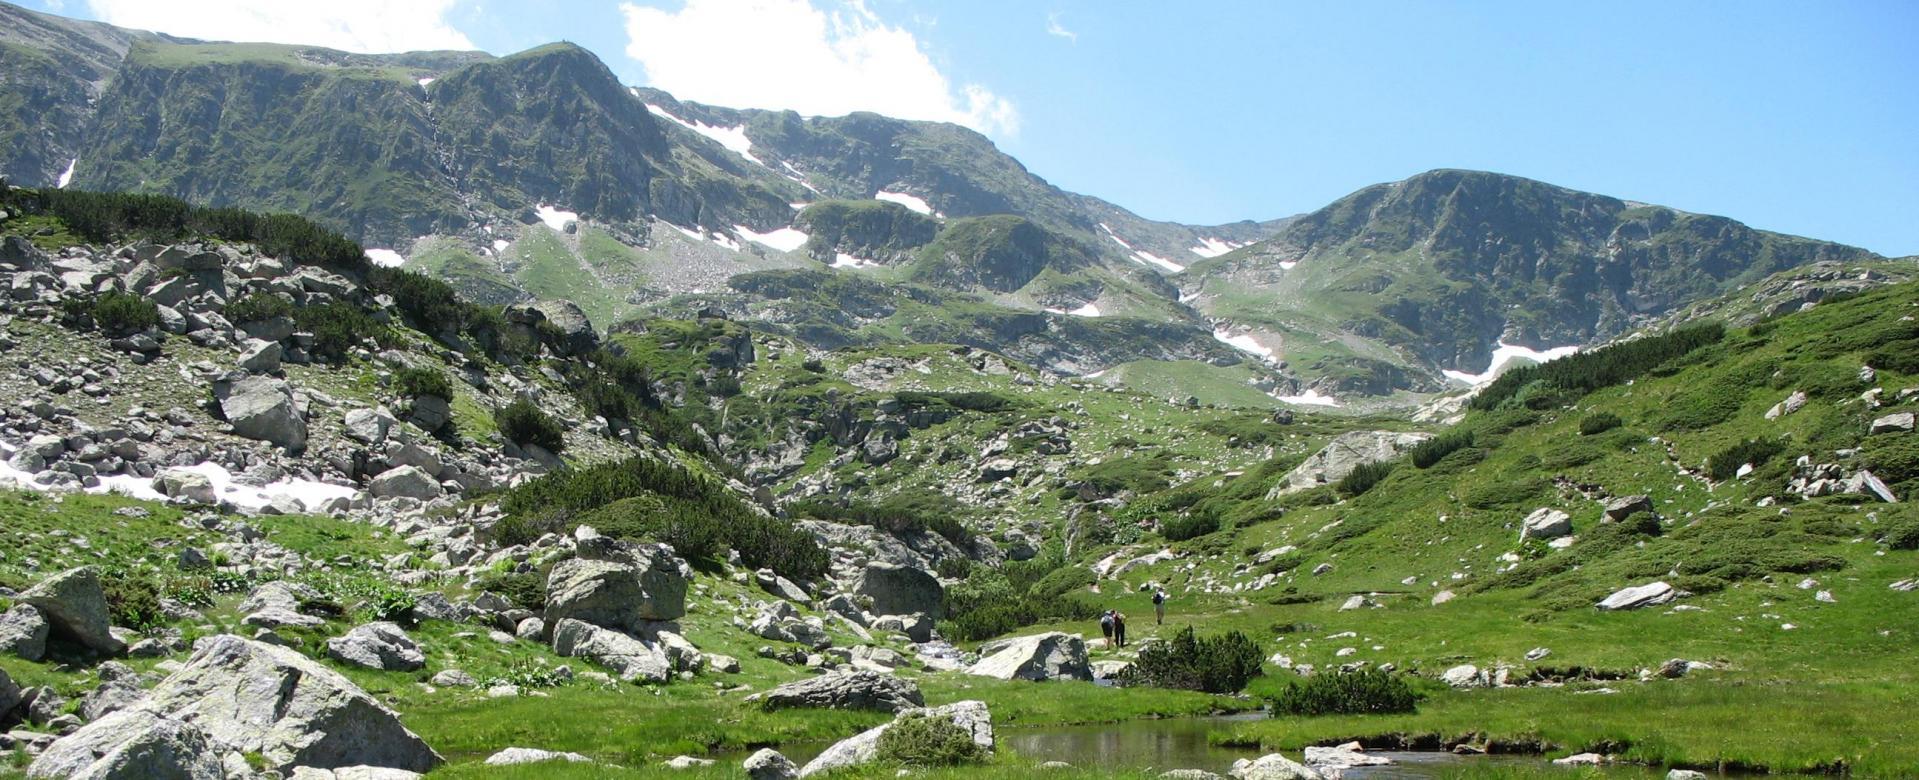 Voyage à pied : Montagnes du rila et du pirin